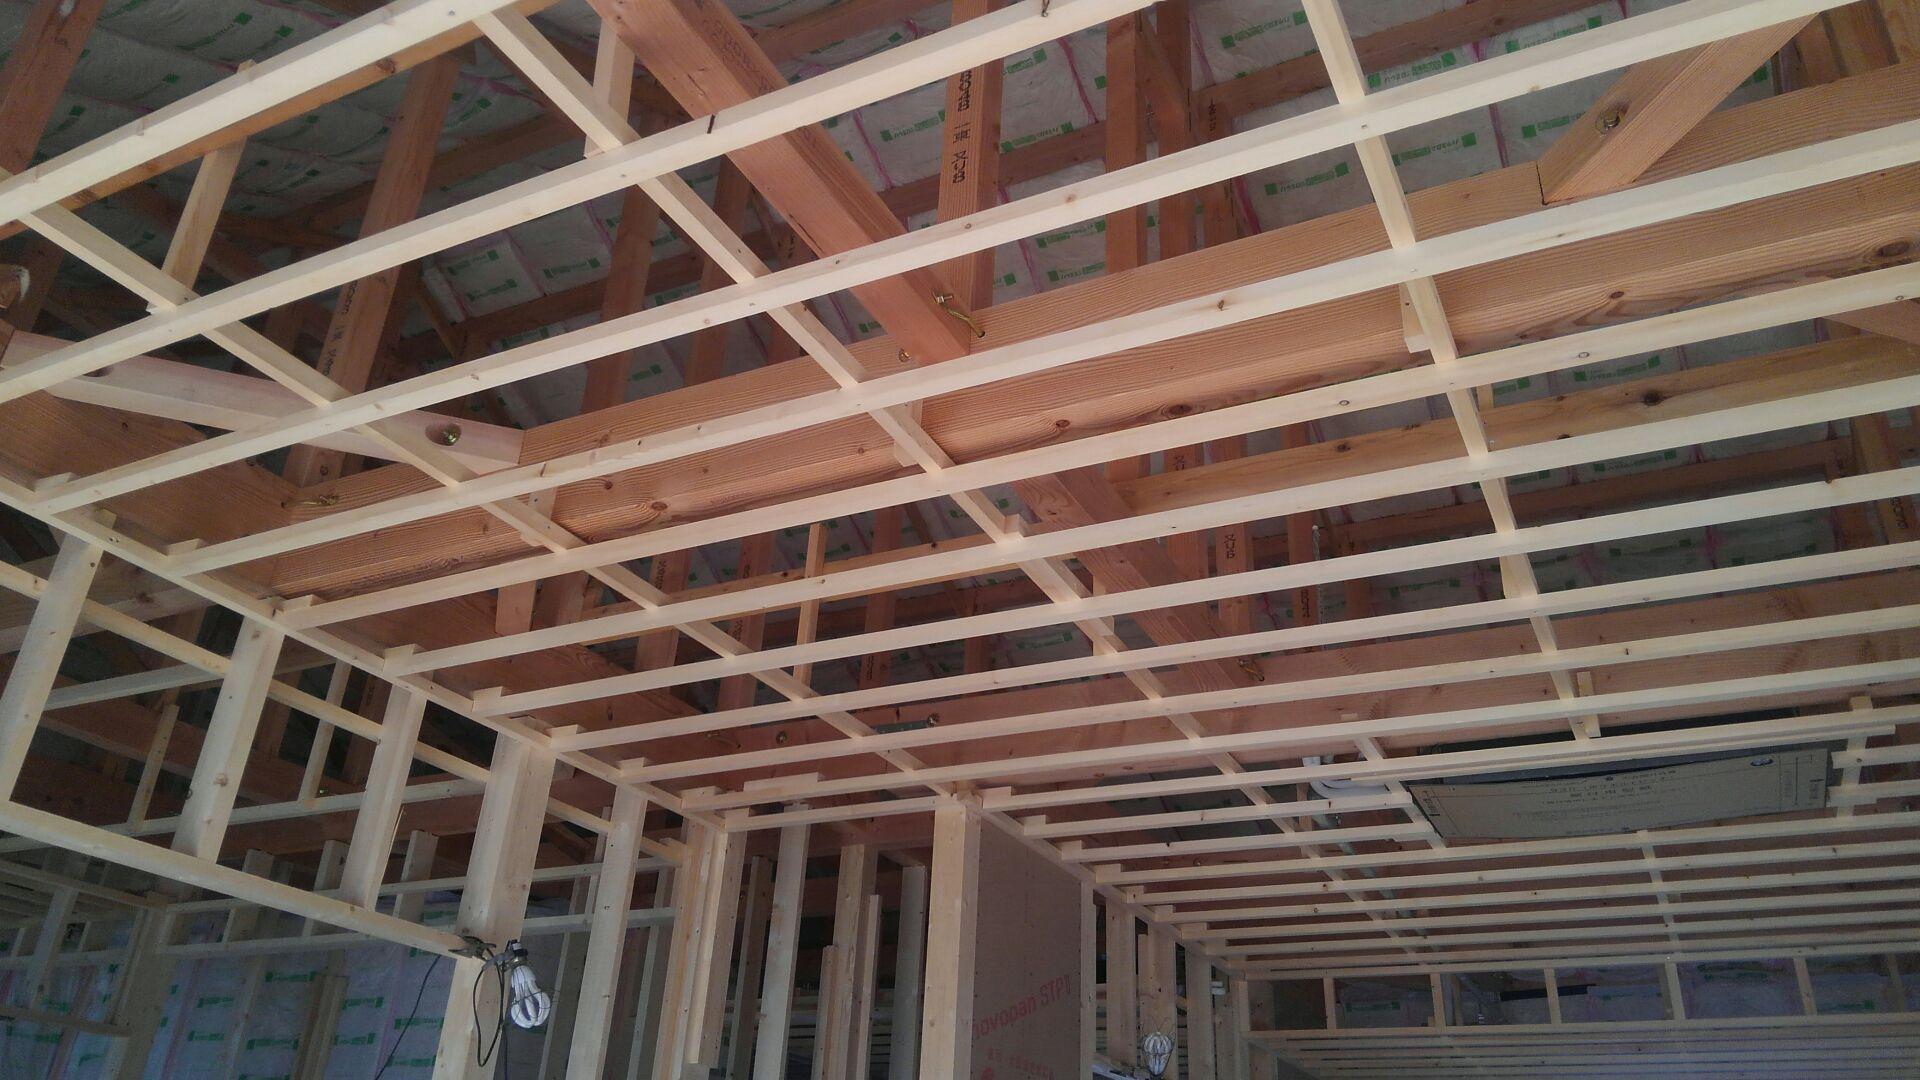 天井下地、野縁(のぶち)組みが終わりました。一尺(303)ピッチ(間隔)に野縁を組みます。野縁とは、天井の仕上げ工事において、仕上材を張り付けるため、下地に使われる棒状の部材のことを言います。